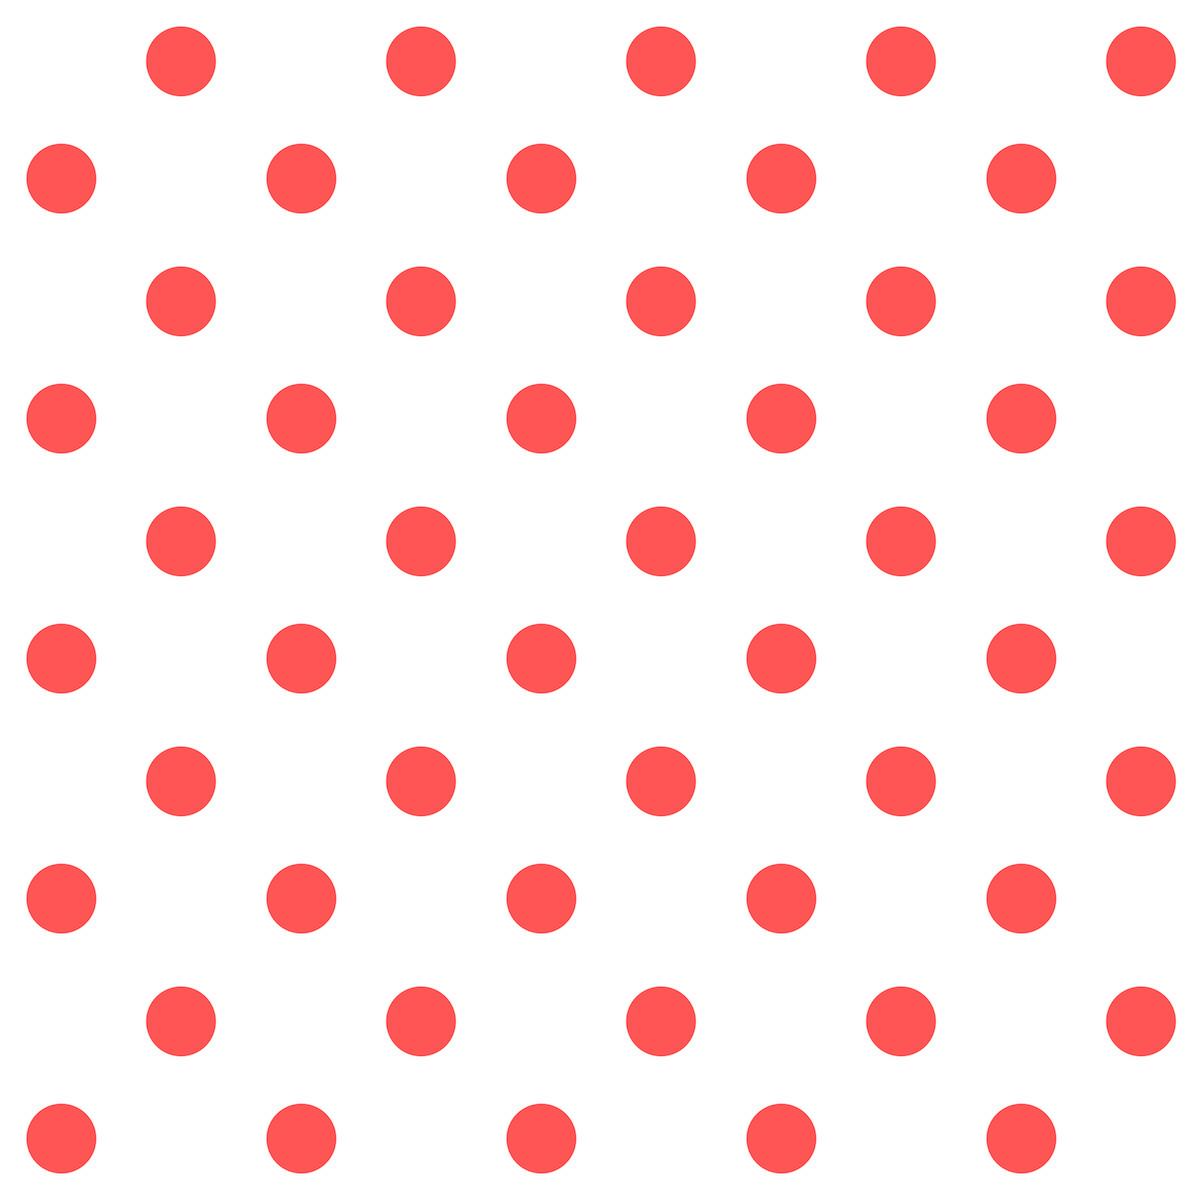 http://3.bp.blogspot.com/-QnFtbHKbeW8/U6wYza5m9dI/AAAAAAAAfOs/r0OCBQiqe0w/s1600/red_polka_dot_paper.jpg